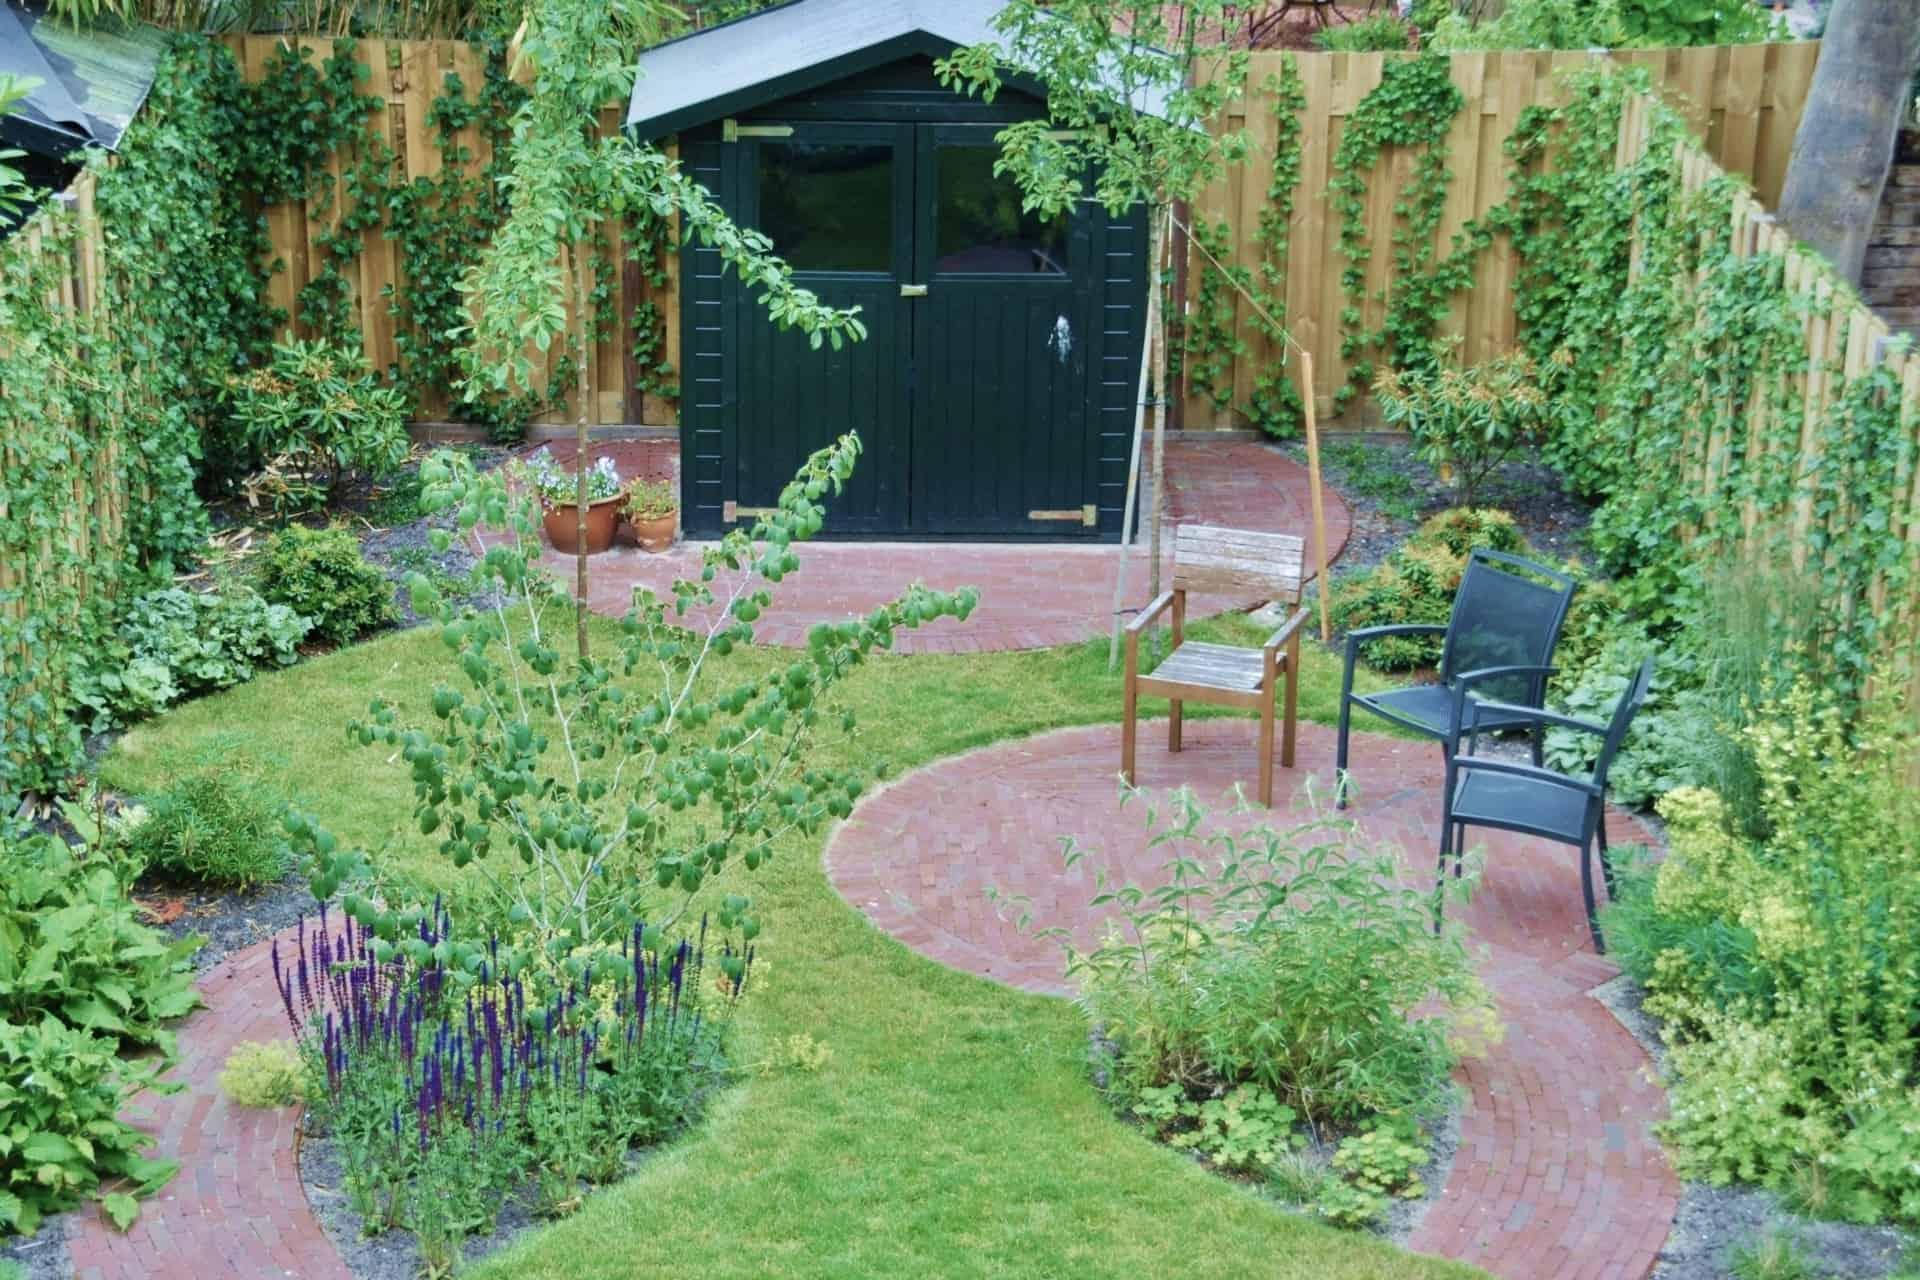 Populair Leef-tuin met ronde lijnen… - Kanna Kraus #UZ64